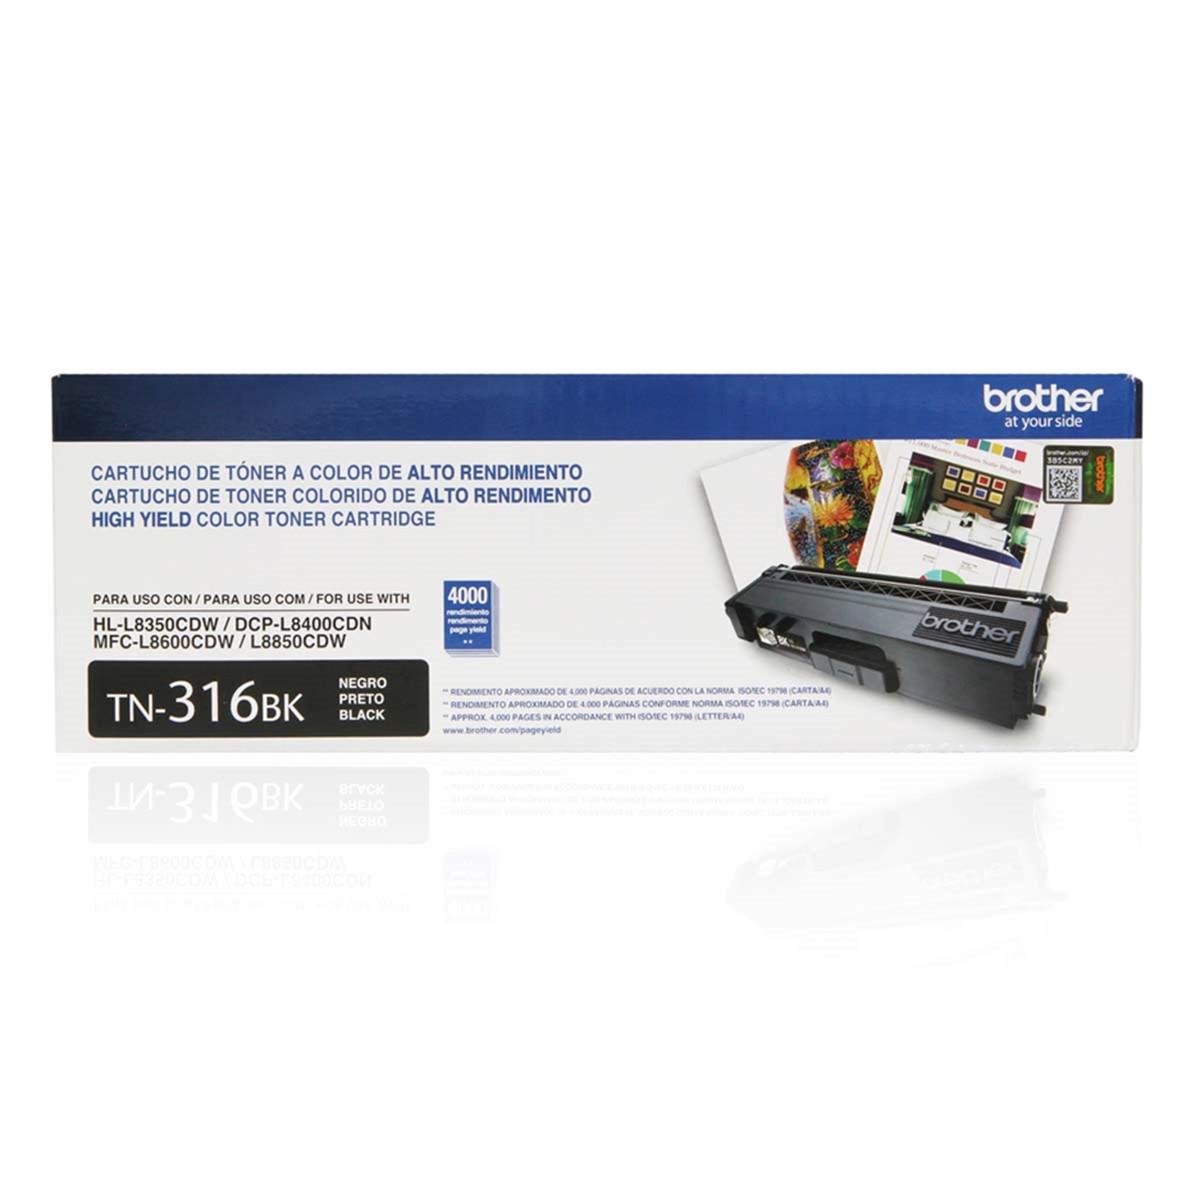 Toner Brother TN-316BK TN316 Preto | HL-L8350CDW MFC-L8600CDW DCP-L8400CDN | Original